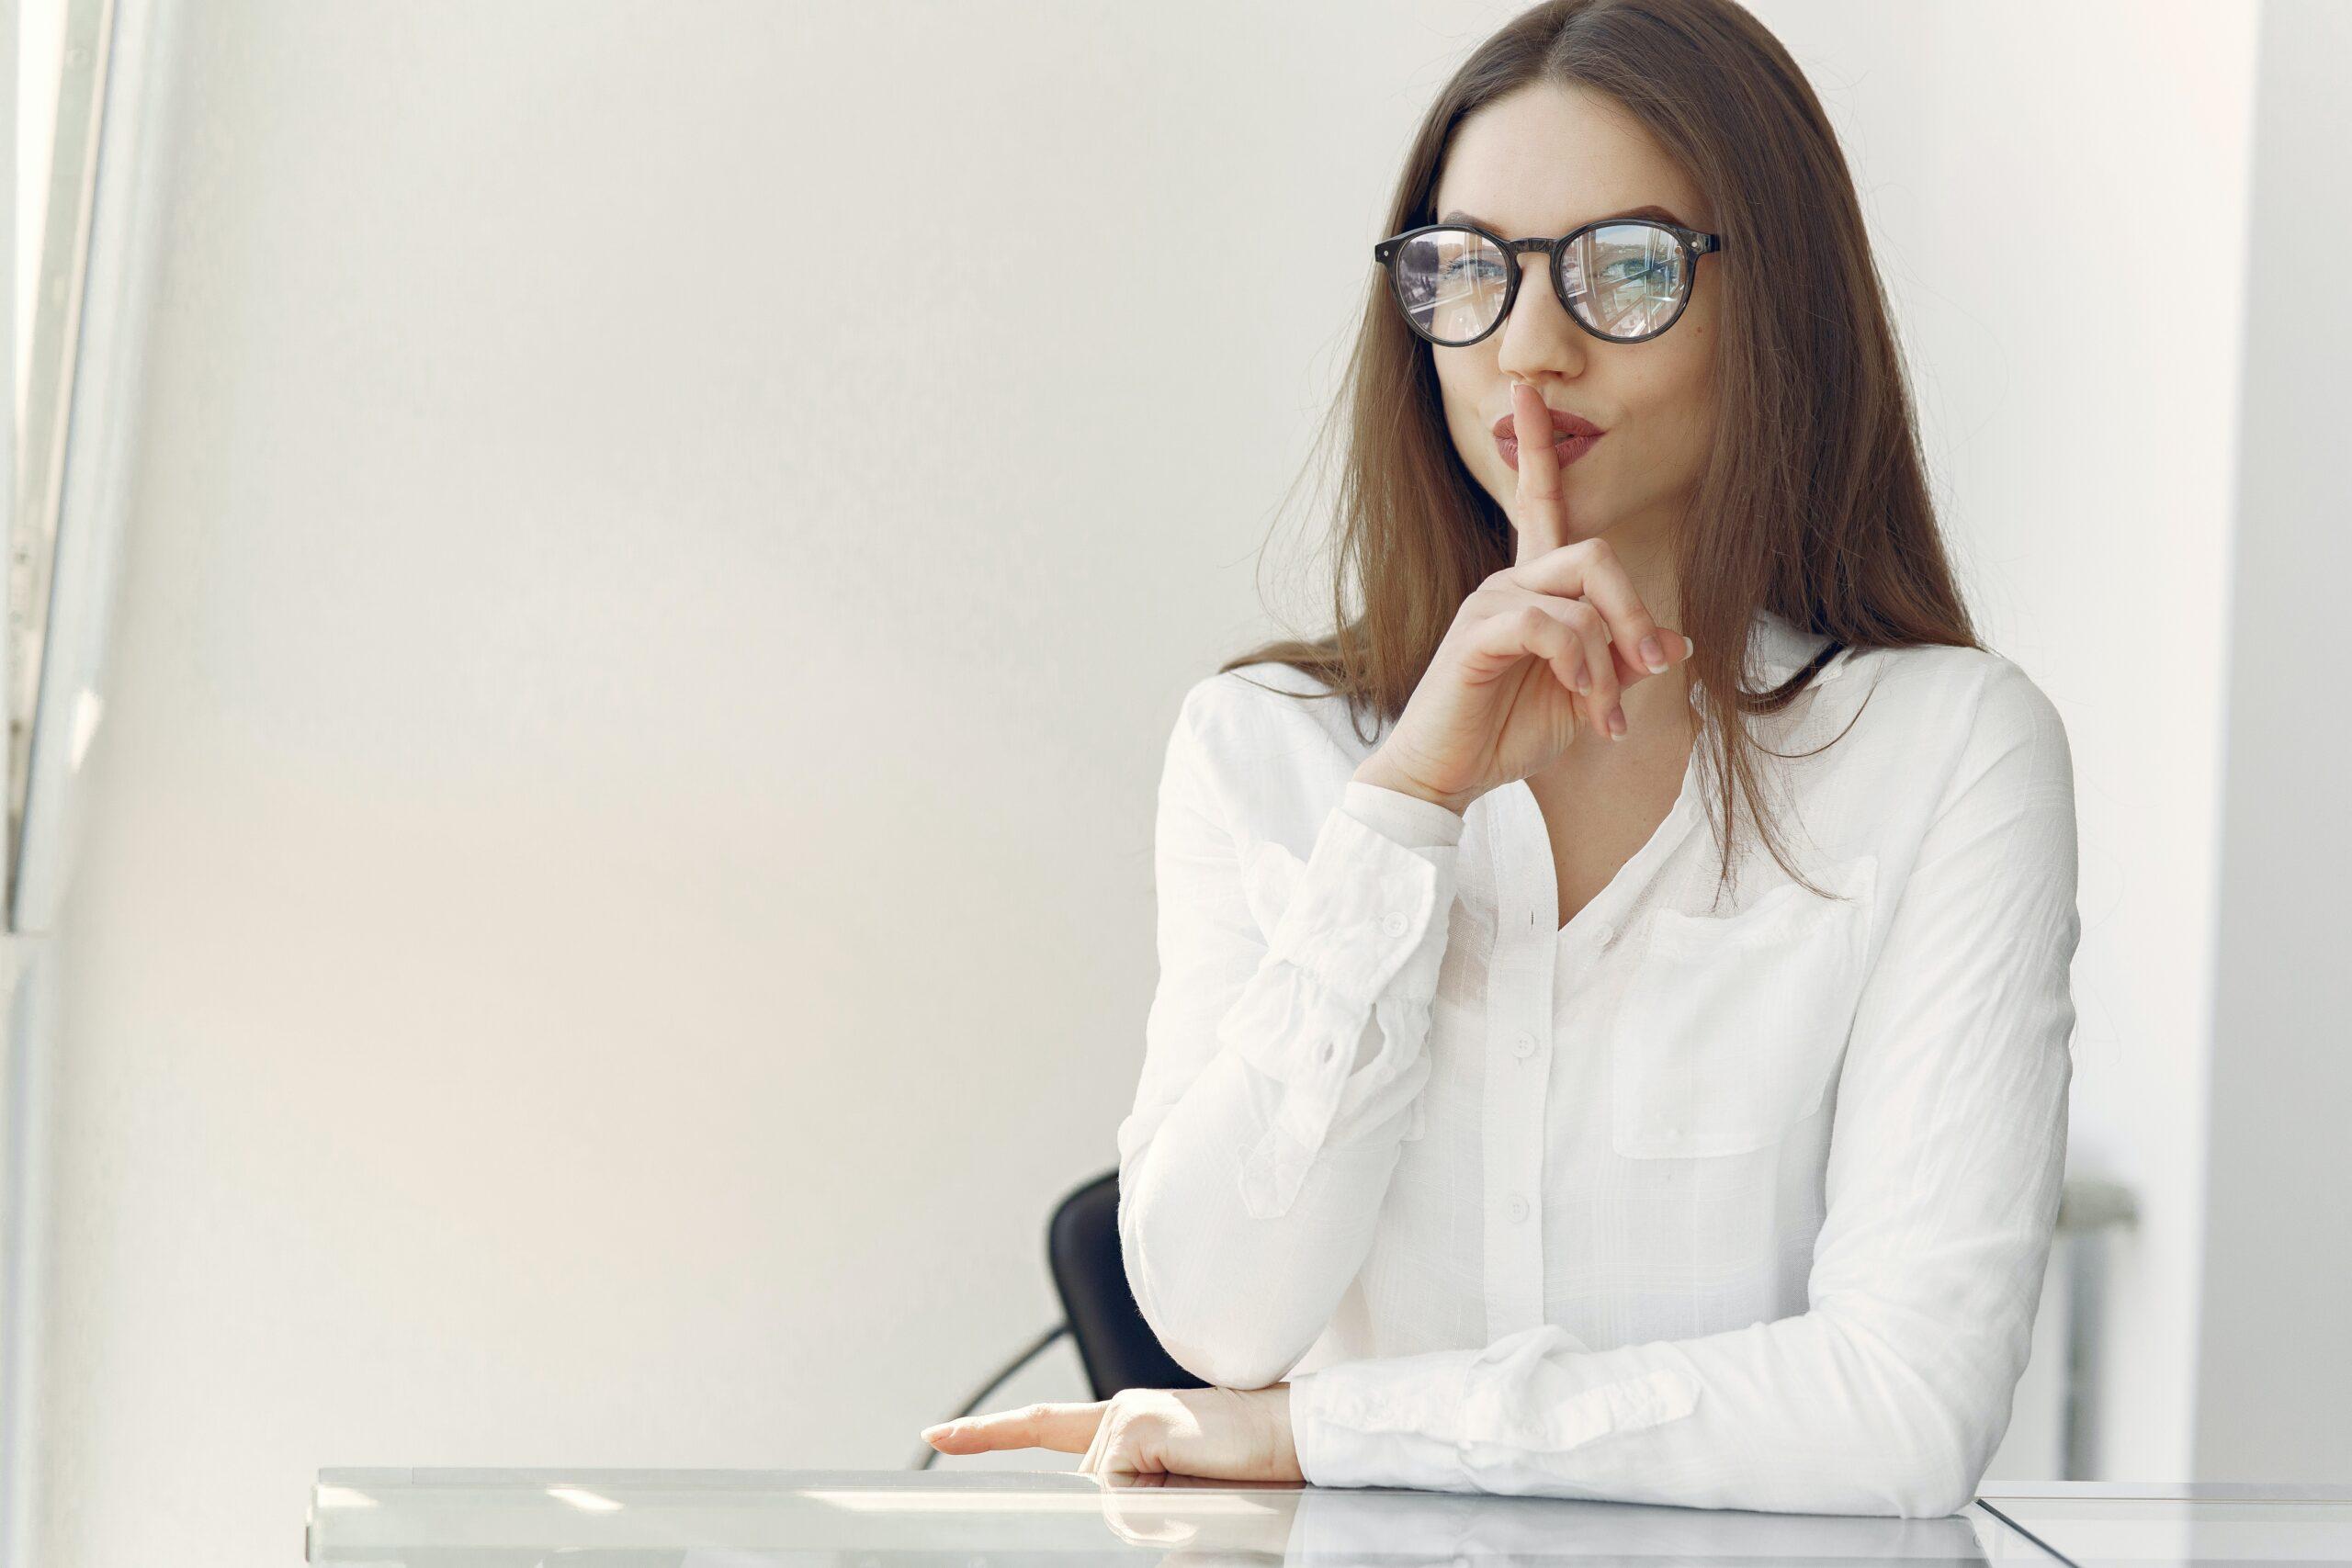 Comunicazione non verbale: le 10 regole per capire cosa non si dice.